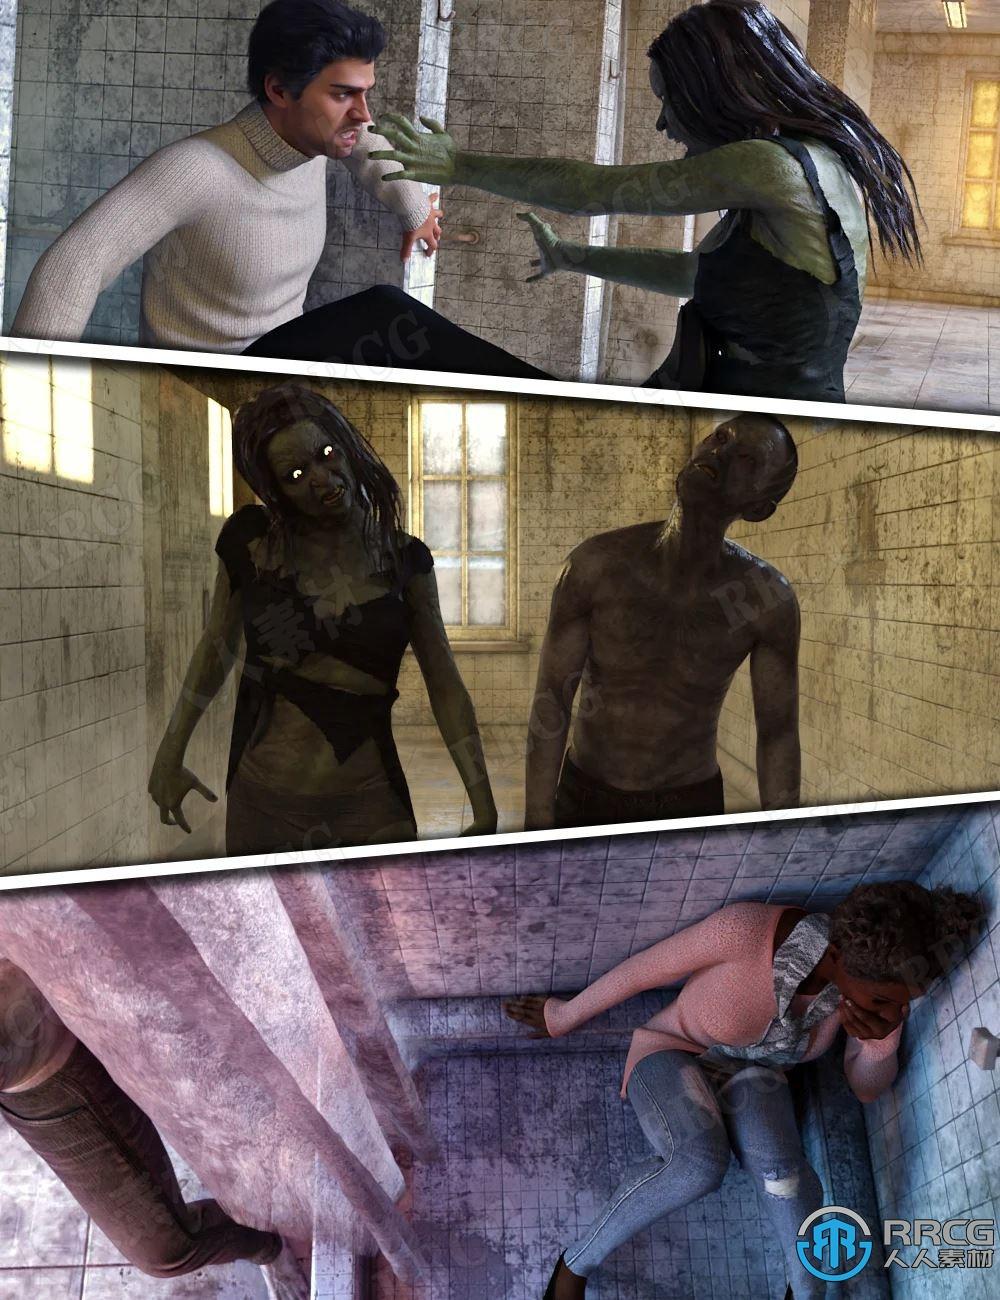 恐怖僵尸对战场景生存技能姿势3D模型合集